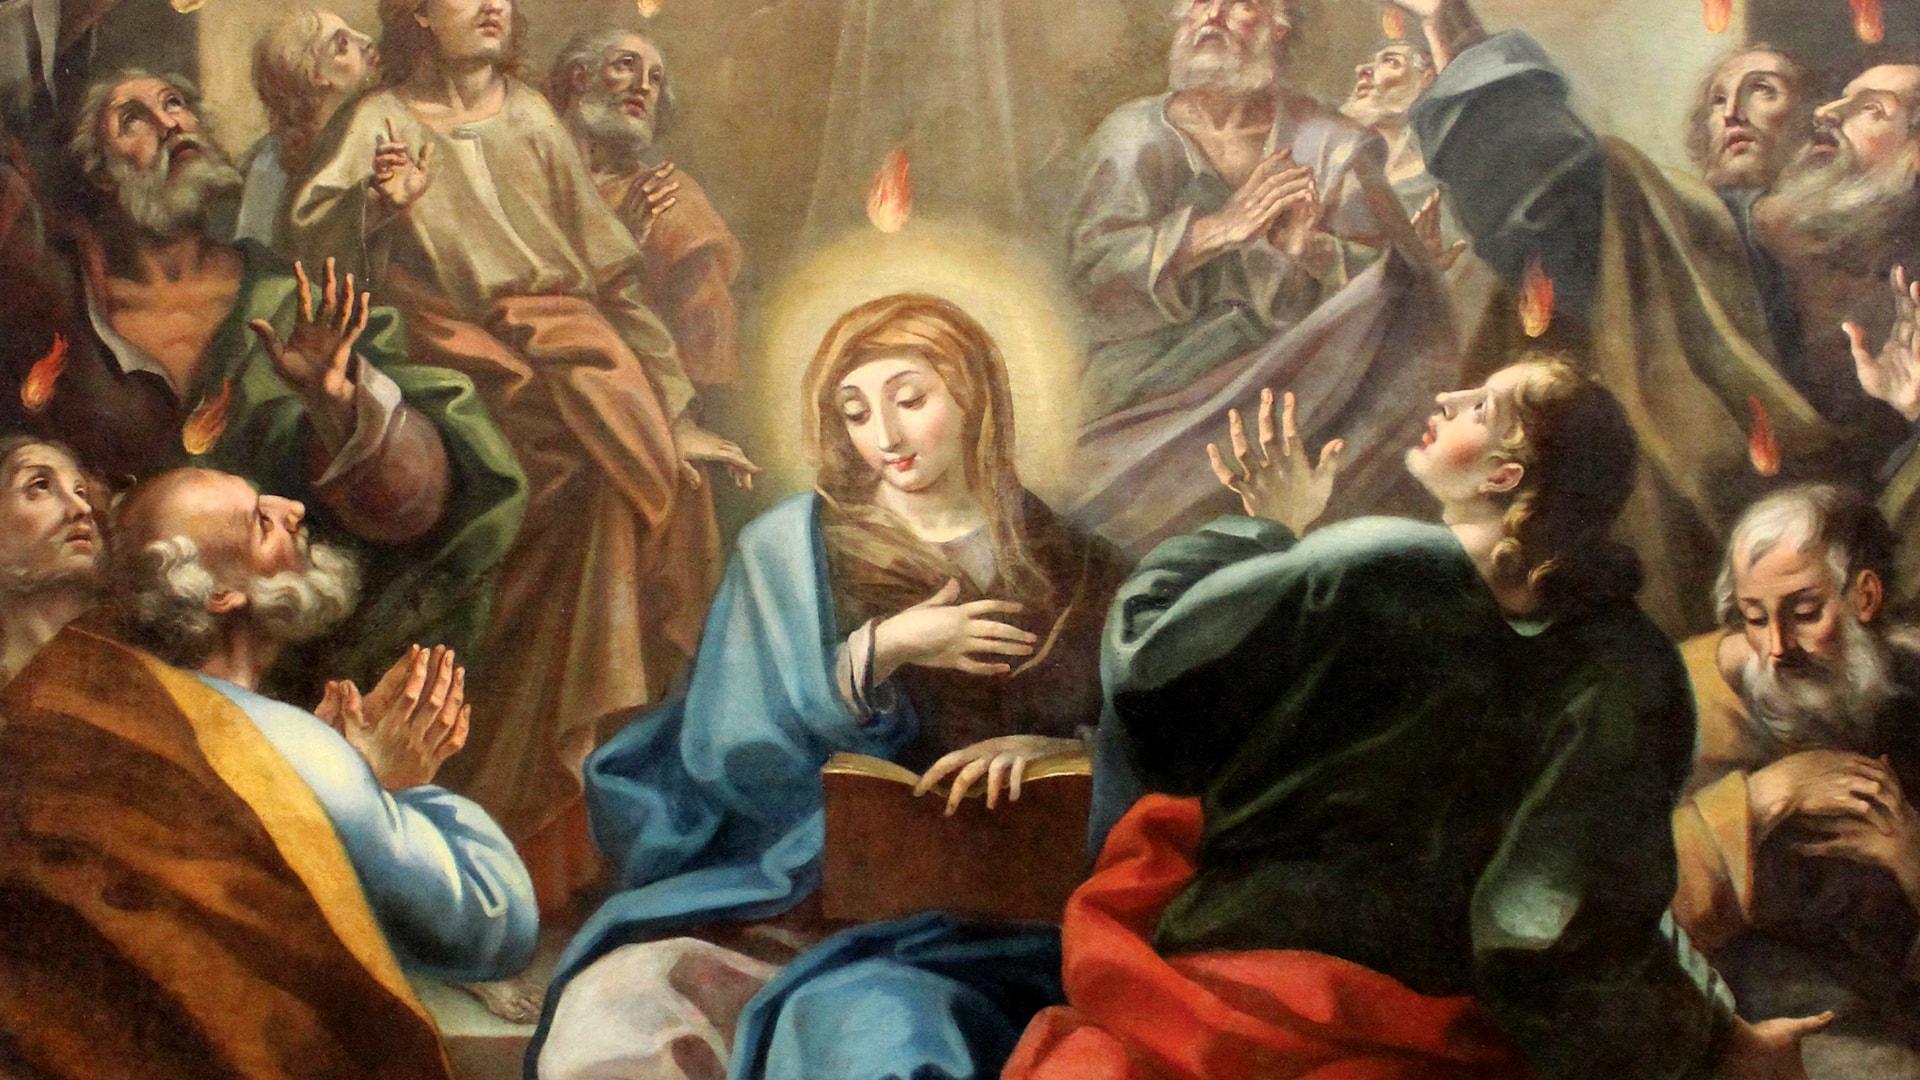 chiesa-santa-maria-suffragio-anime-sante-laquila-abruzzo-storia-quadro